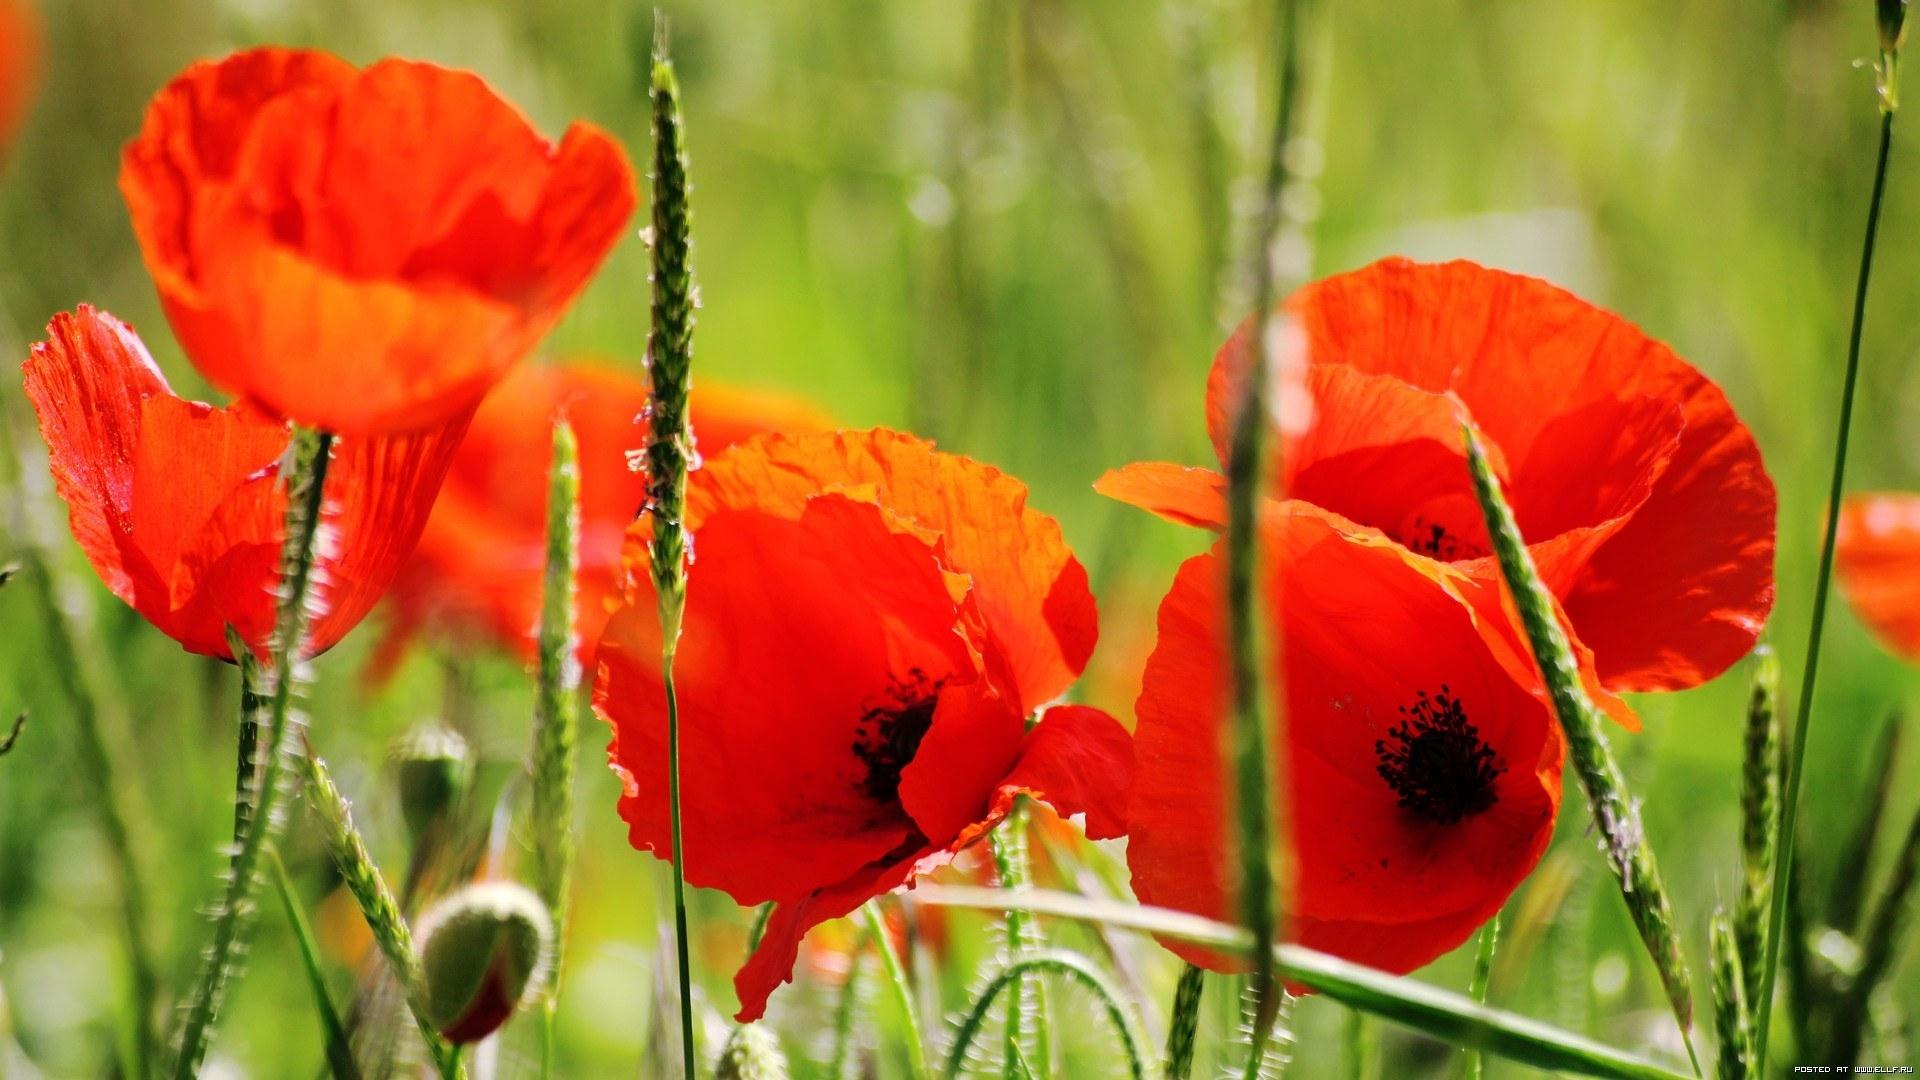 46187 скачать обои Растения, Цветы, Маки - заставки и картинки бесплатно